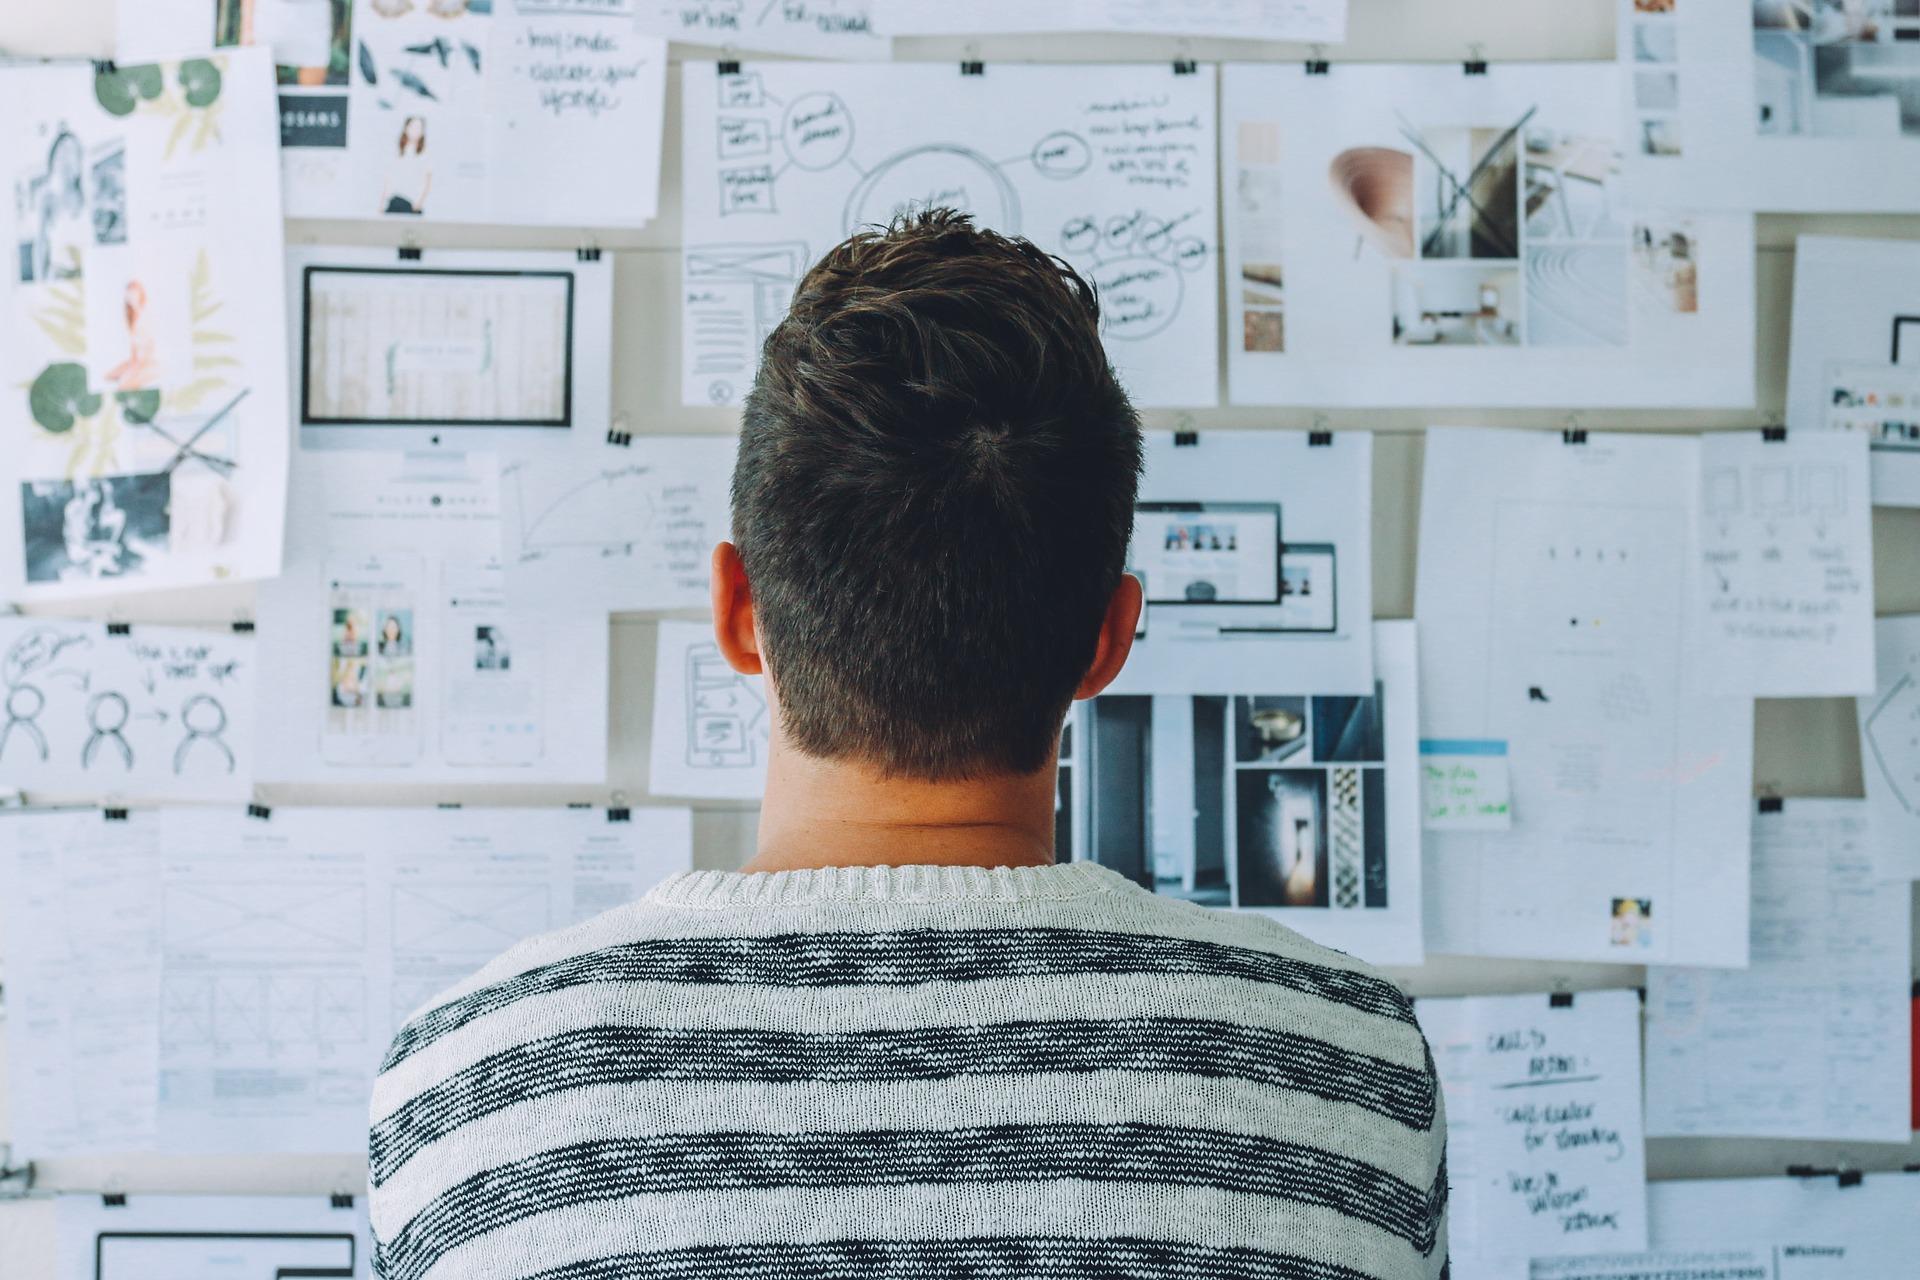 12 Tipps, um Ideen für neue Blogartikel zu gewinnen